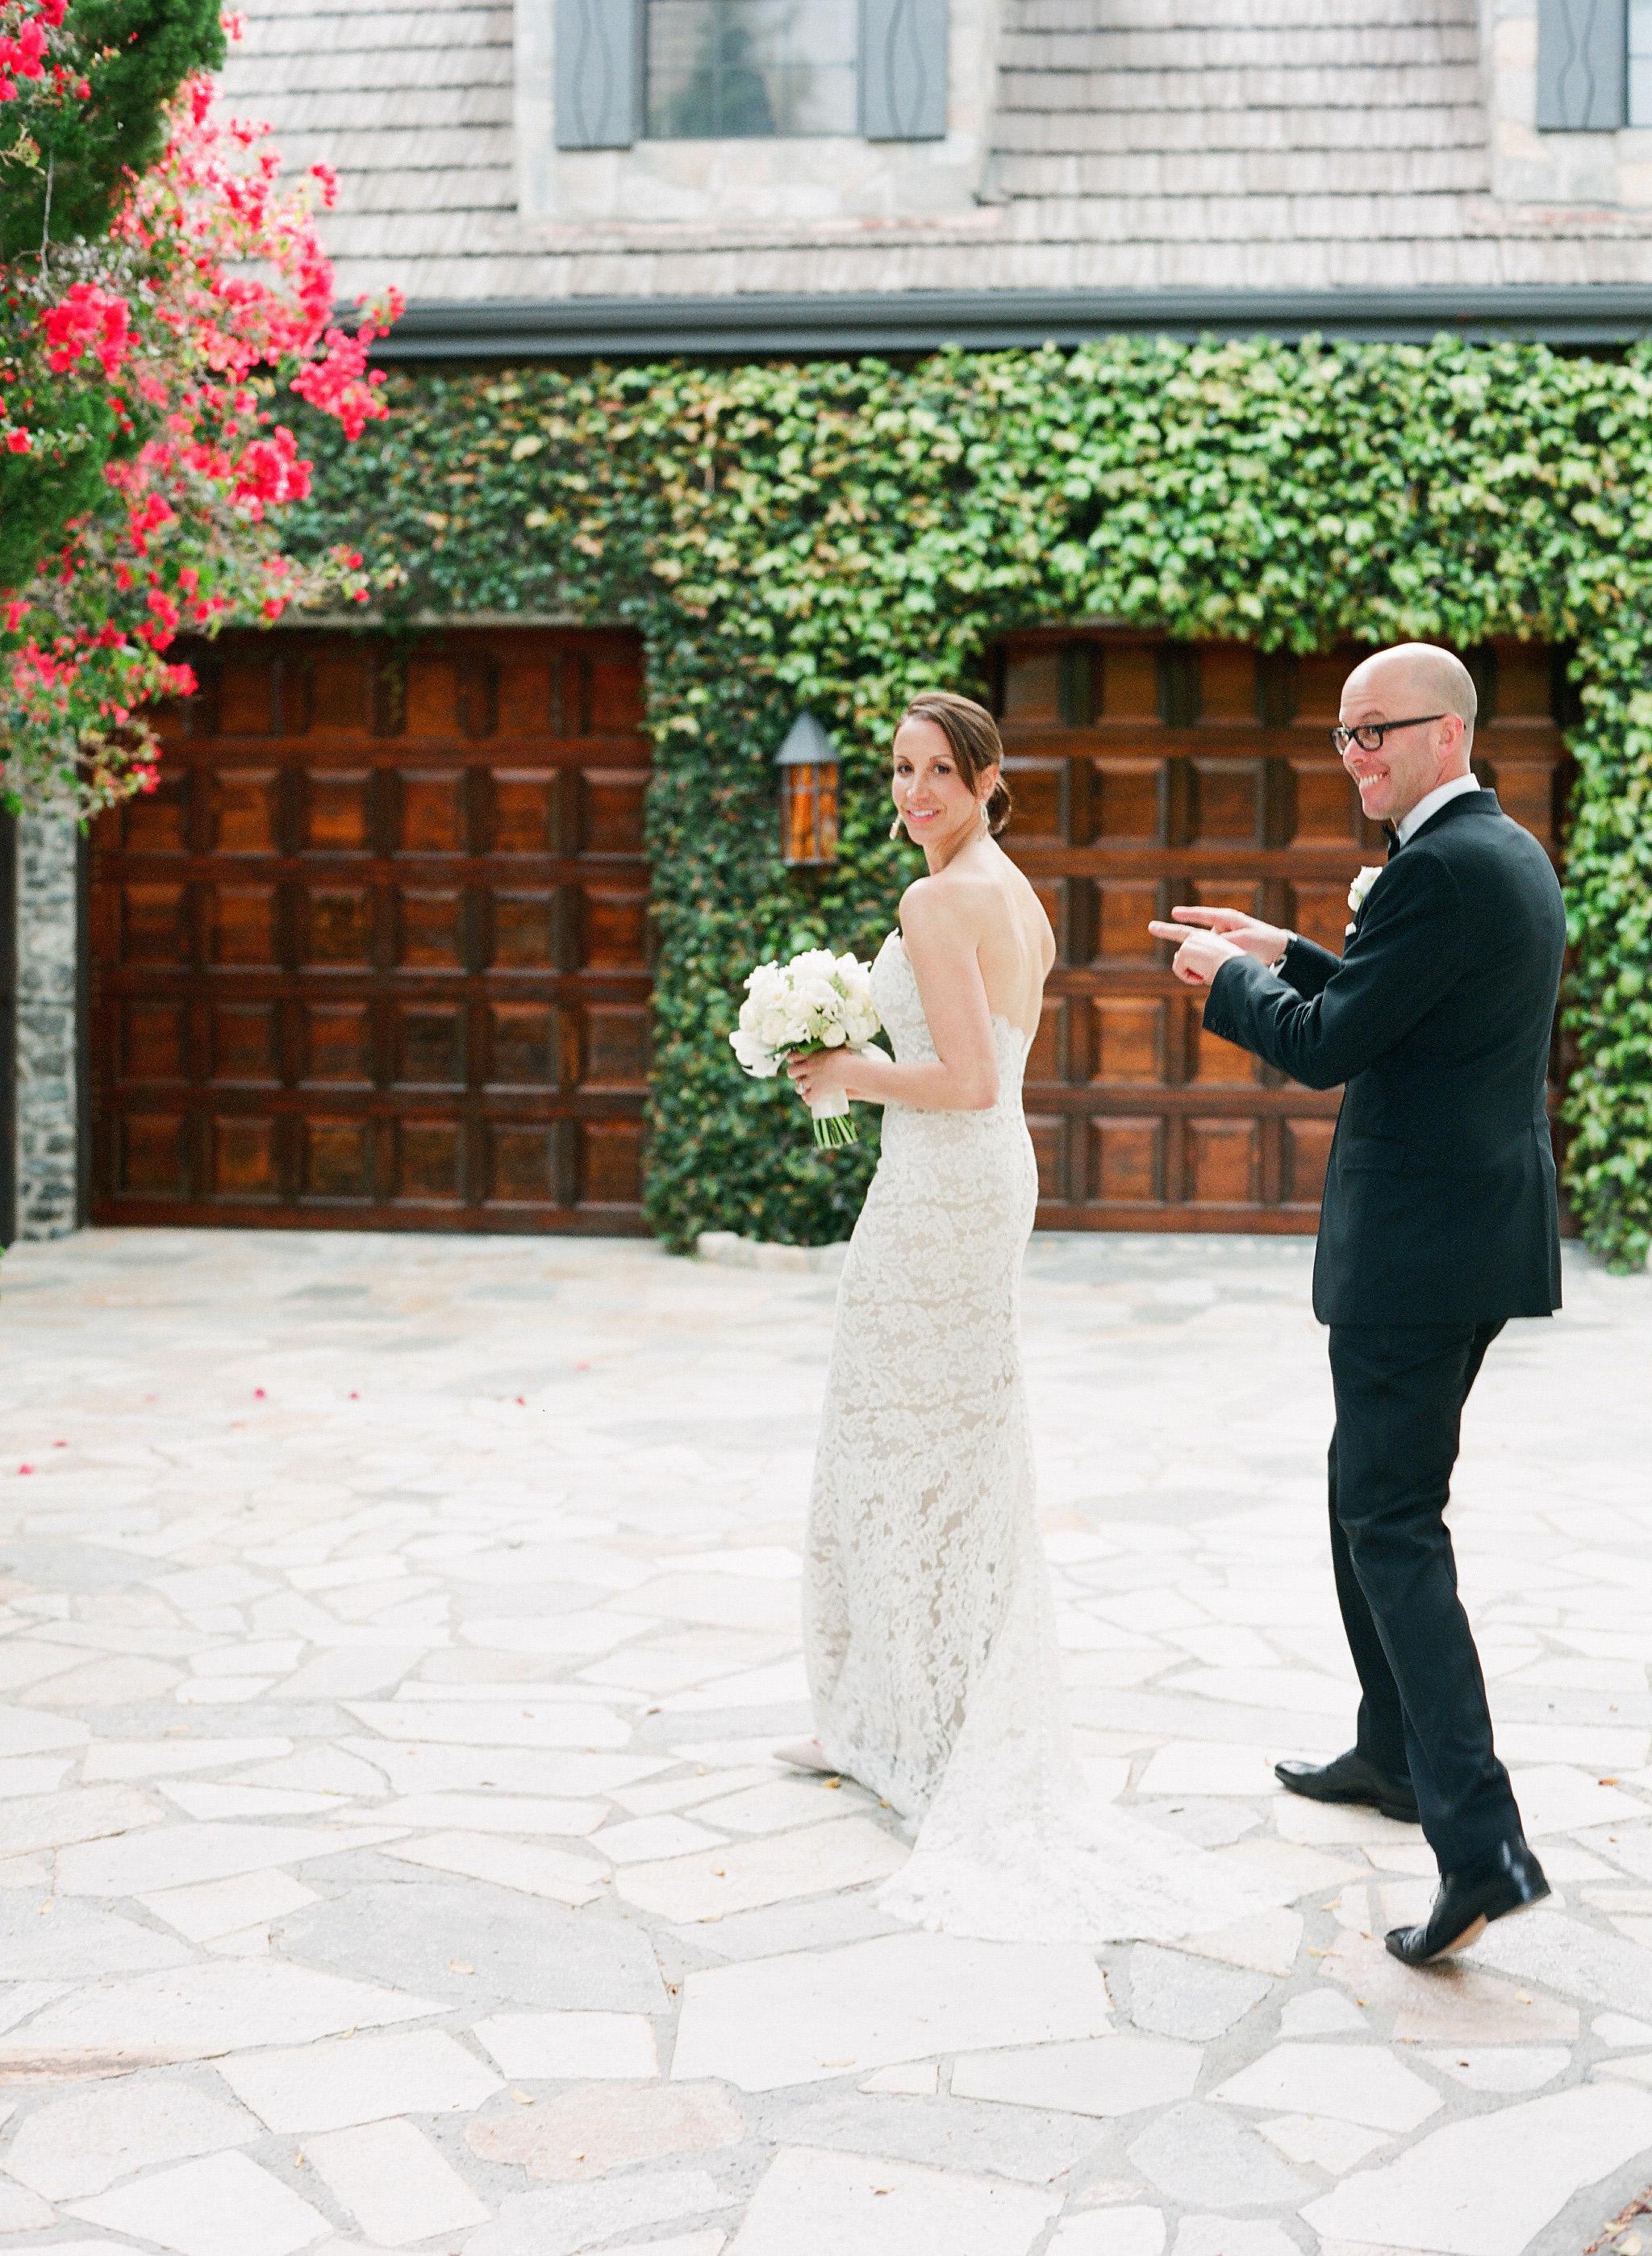 mini moon couple on wedding day